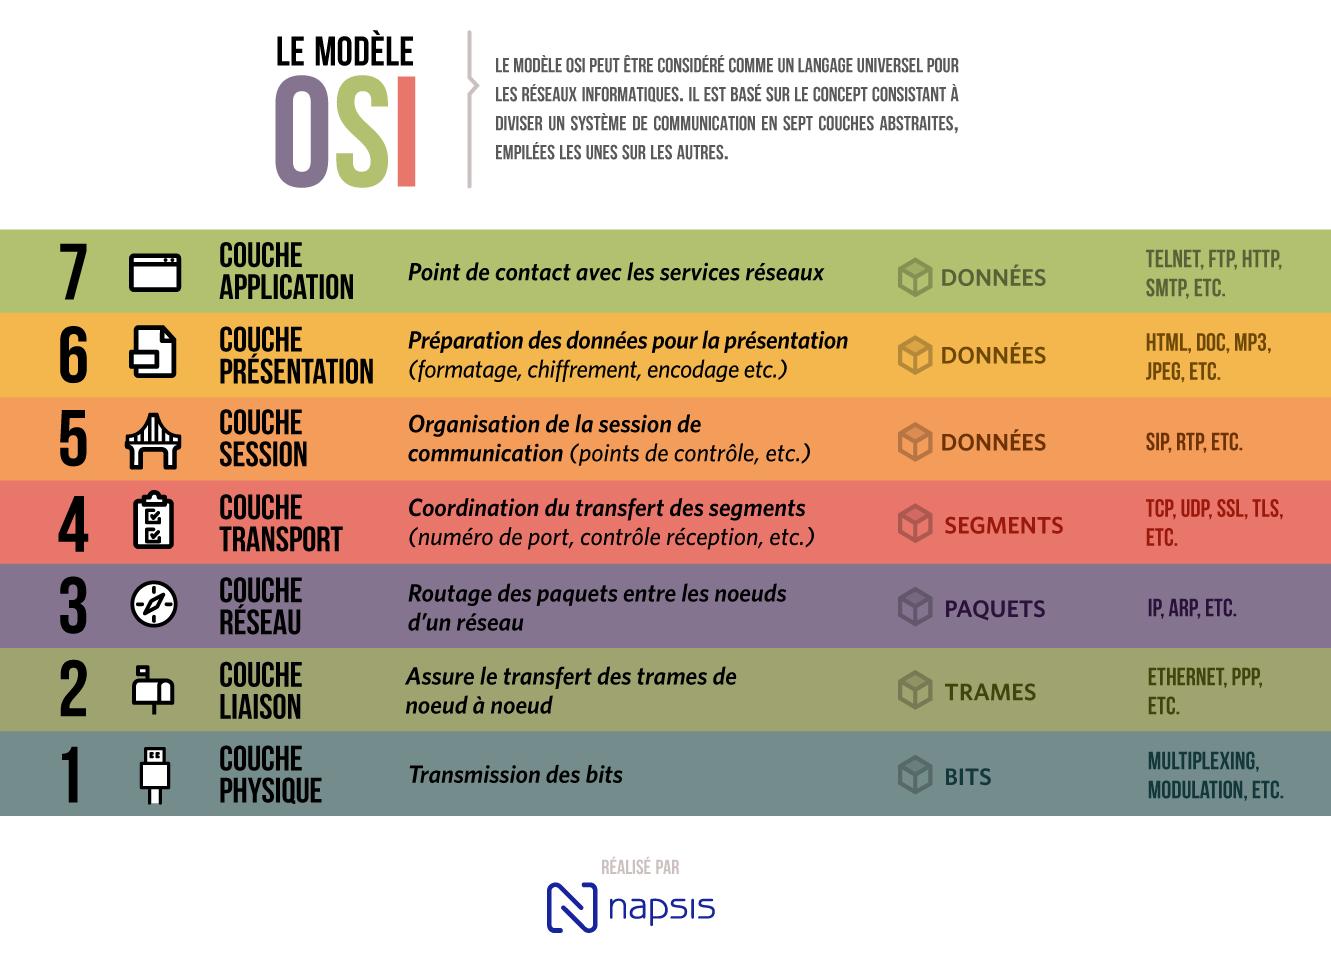 Infographie sur le modèle OSI et les réseaux